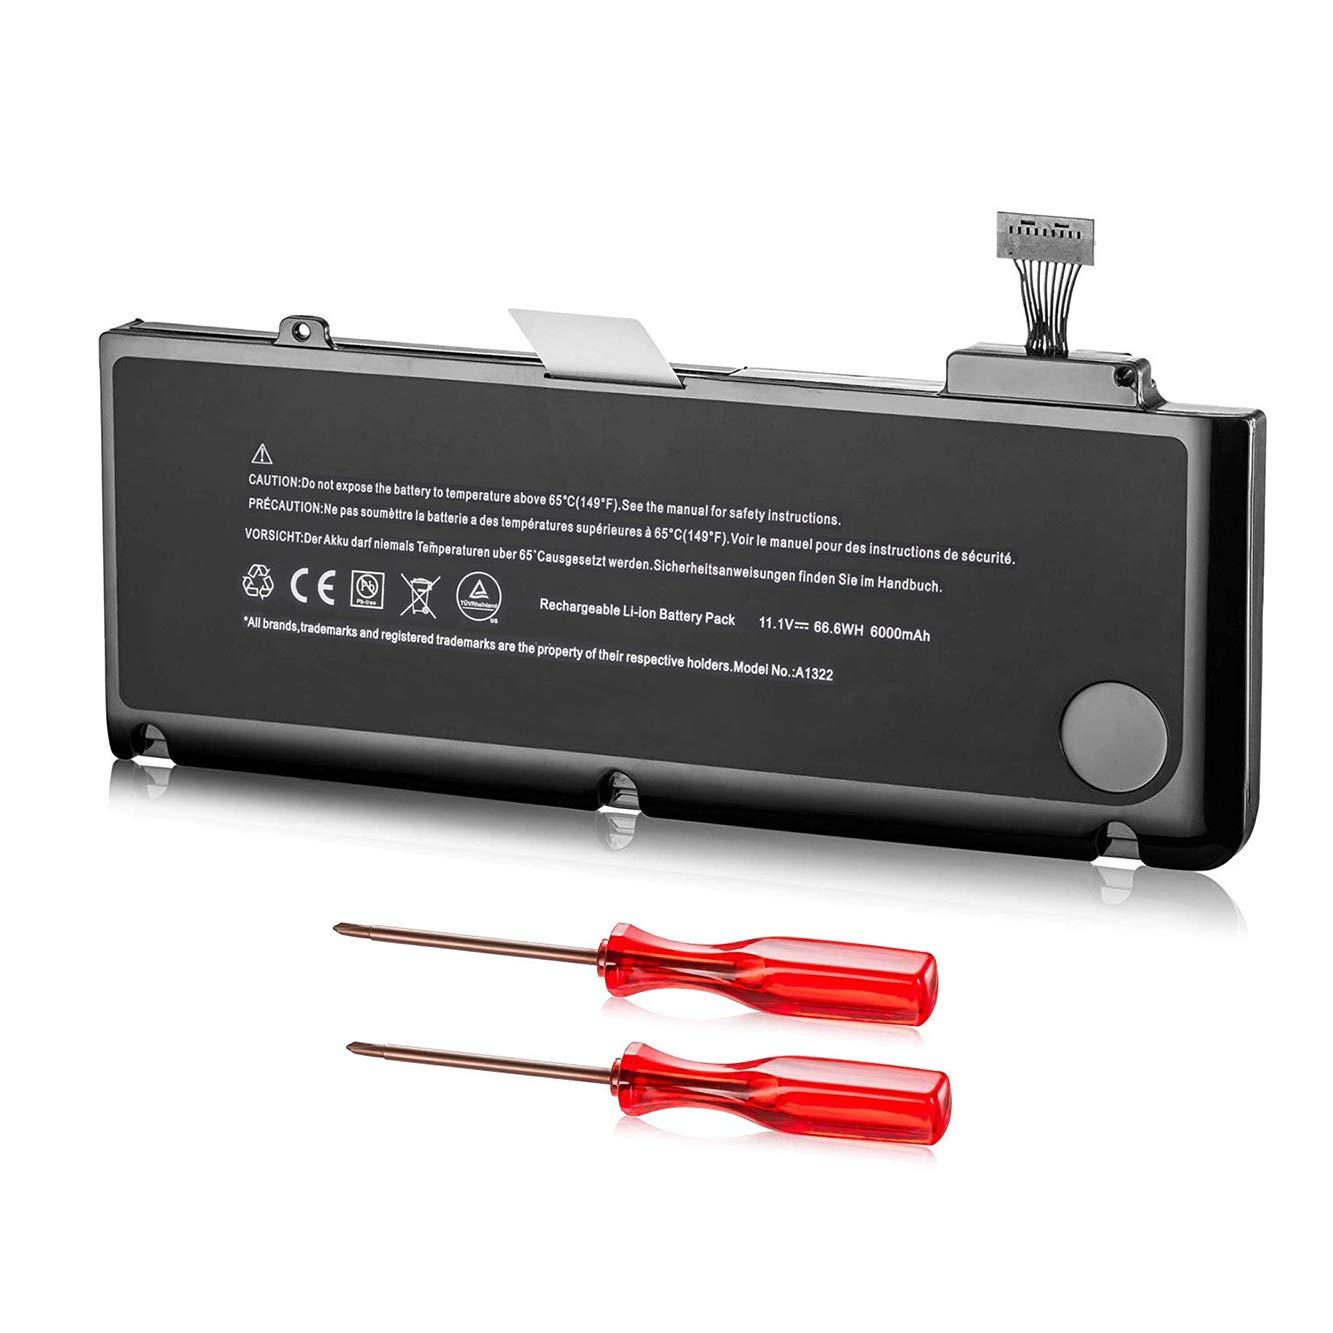 Bateria A1322 Macbook Pro A1278 2012 2011 2010 2009 Version